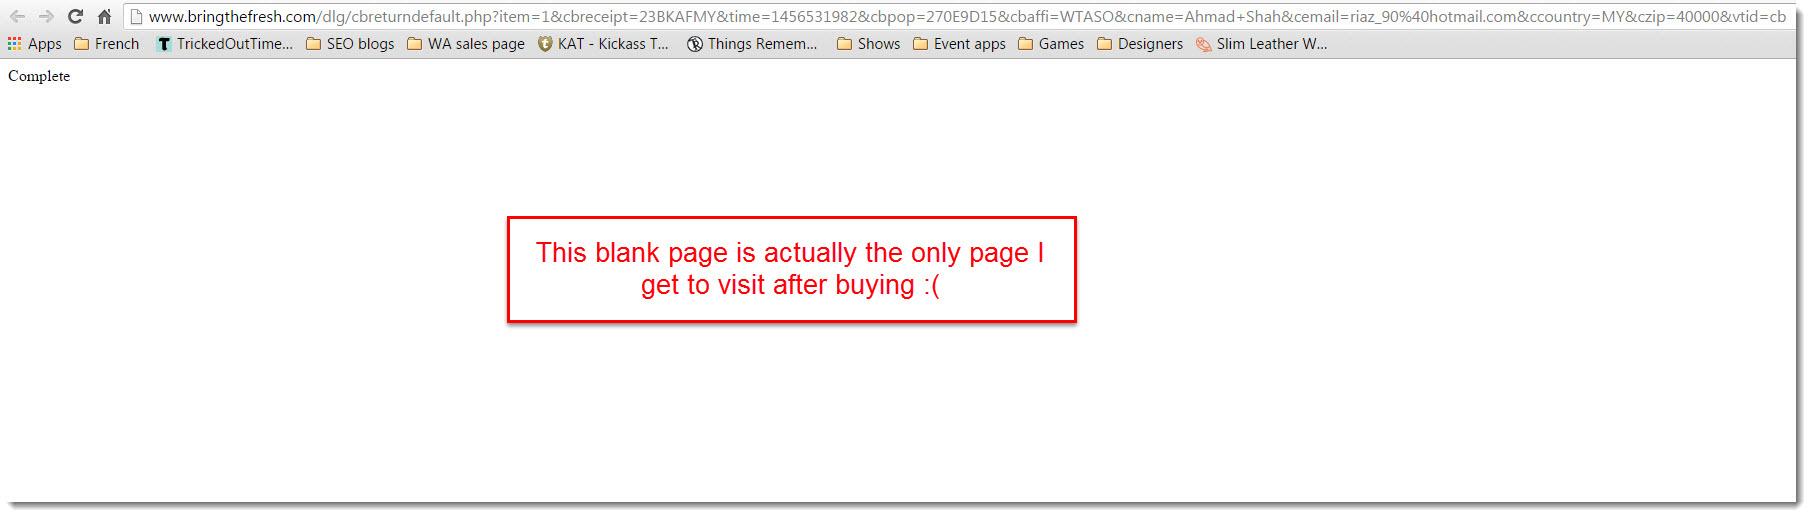 bring the fresh login error